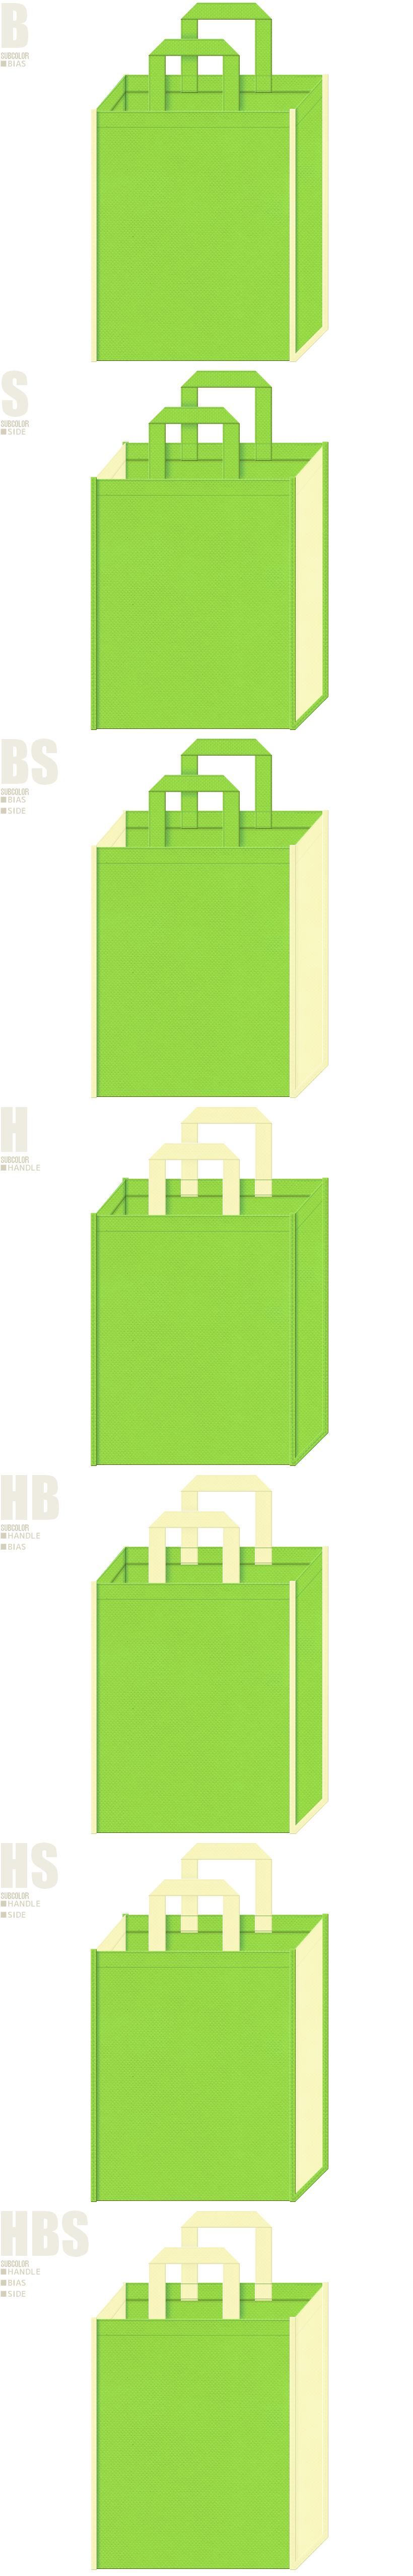 絵本・おとぎ話・小鳥・インコ・ナチュラル・西洋梨・草原・春のイベント・エコバッグにお奨めの不織布バッグデザイン:黄緑色と薄黄色の配色7パターン